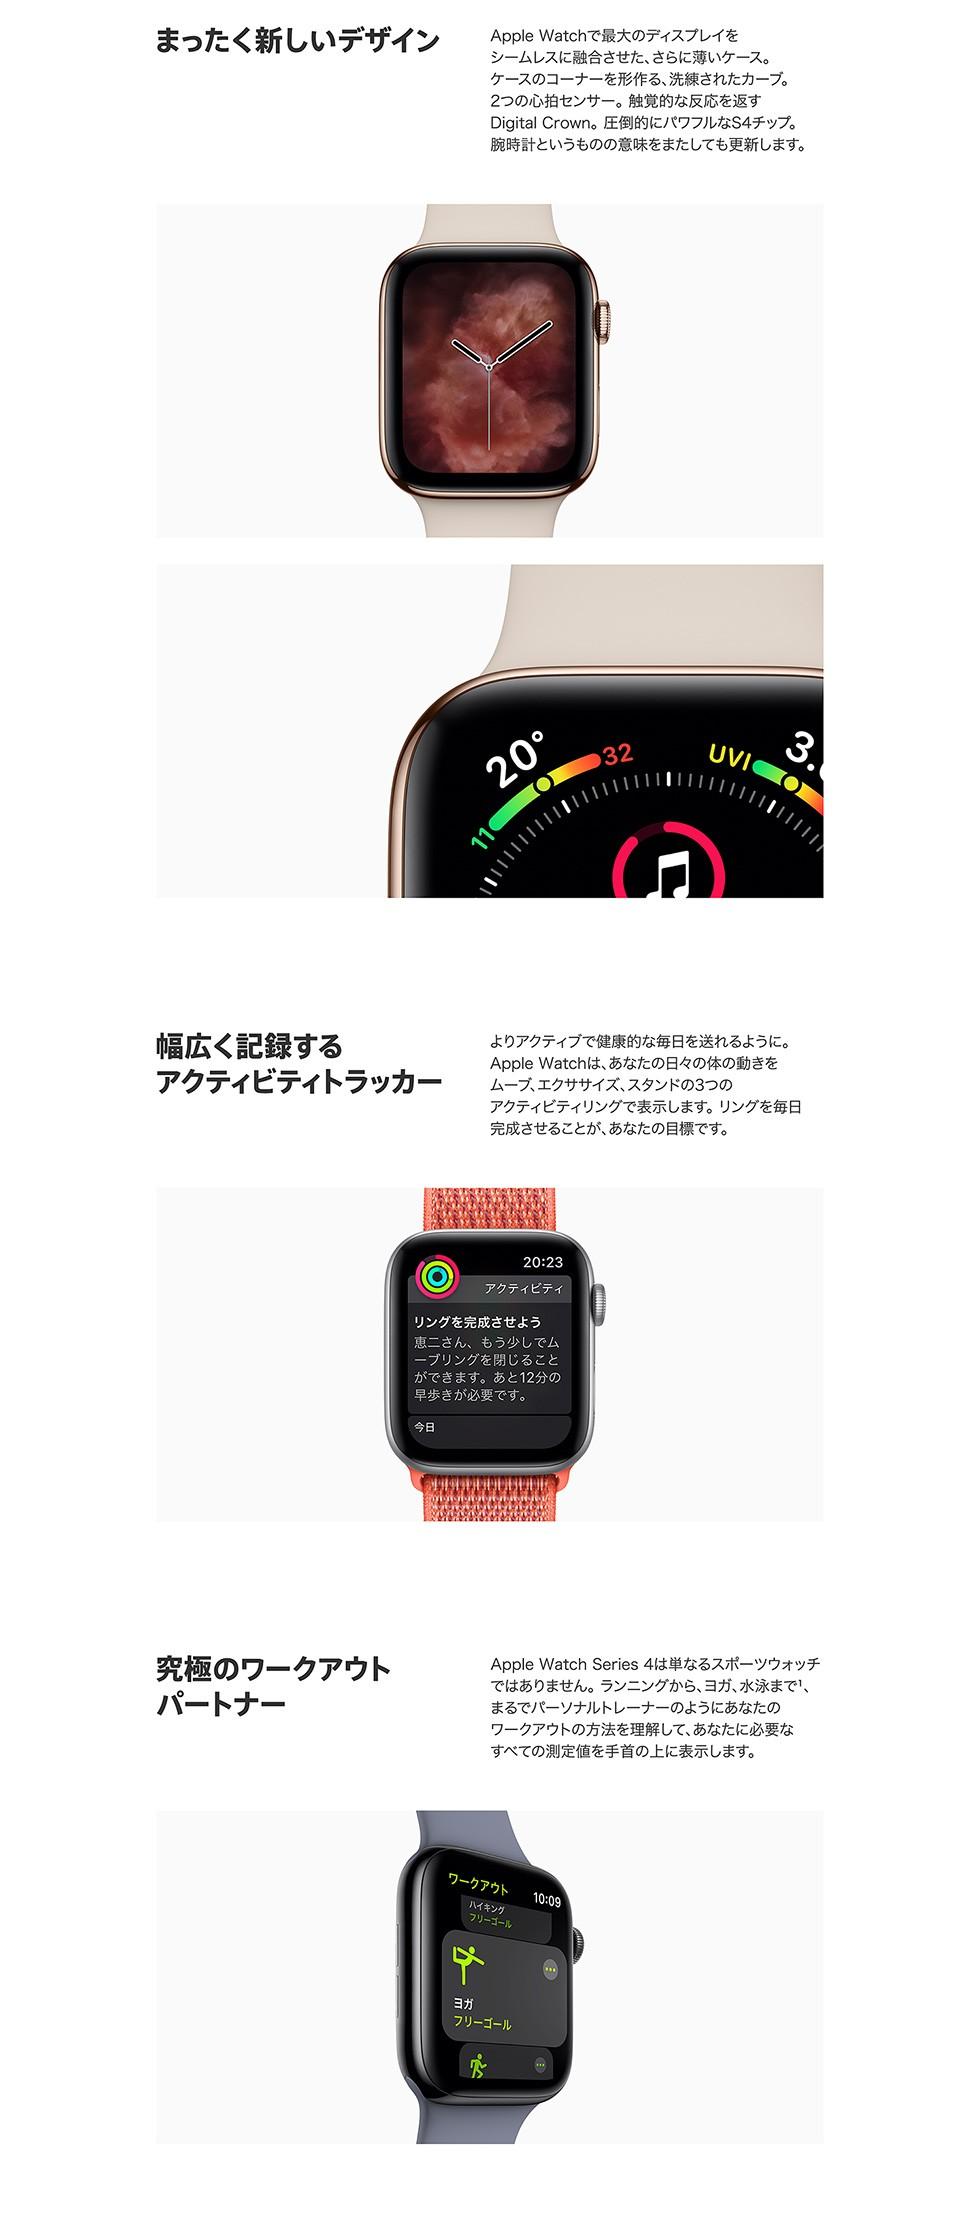 まったく新しいデザイン。Apple Watch最大のディスプレイをシームレスに融合させた、さらに薄いケース。ケースのコーナーを形作る、洗練されたカーブ。2つの心拍センサー。触覚的な反応を返すDigital Crown。圧倒的にパワフルなS4チップ。腕時計というものの意味をまたしても更新します。